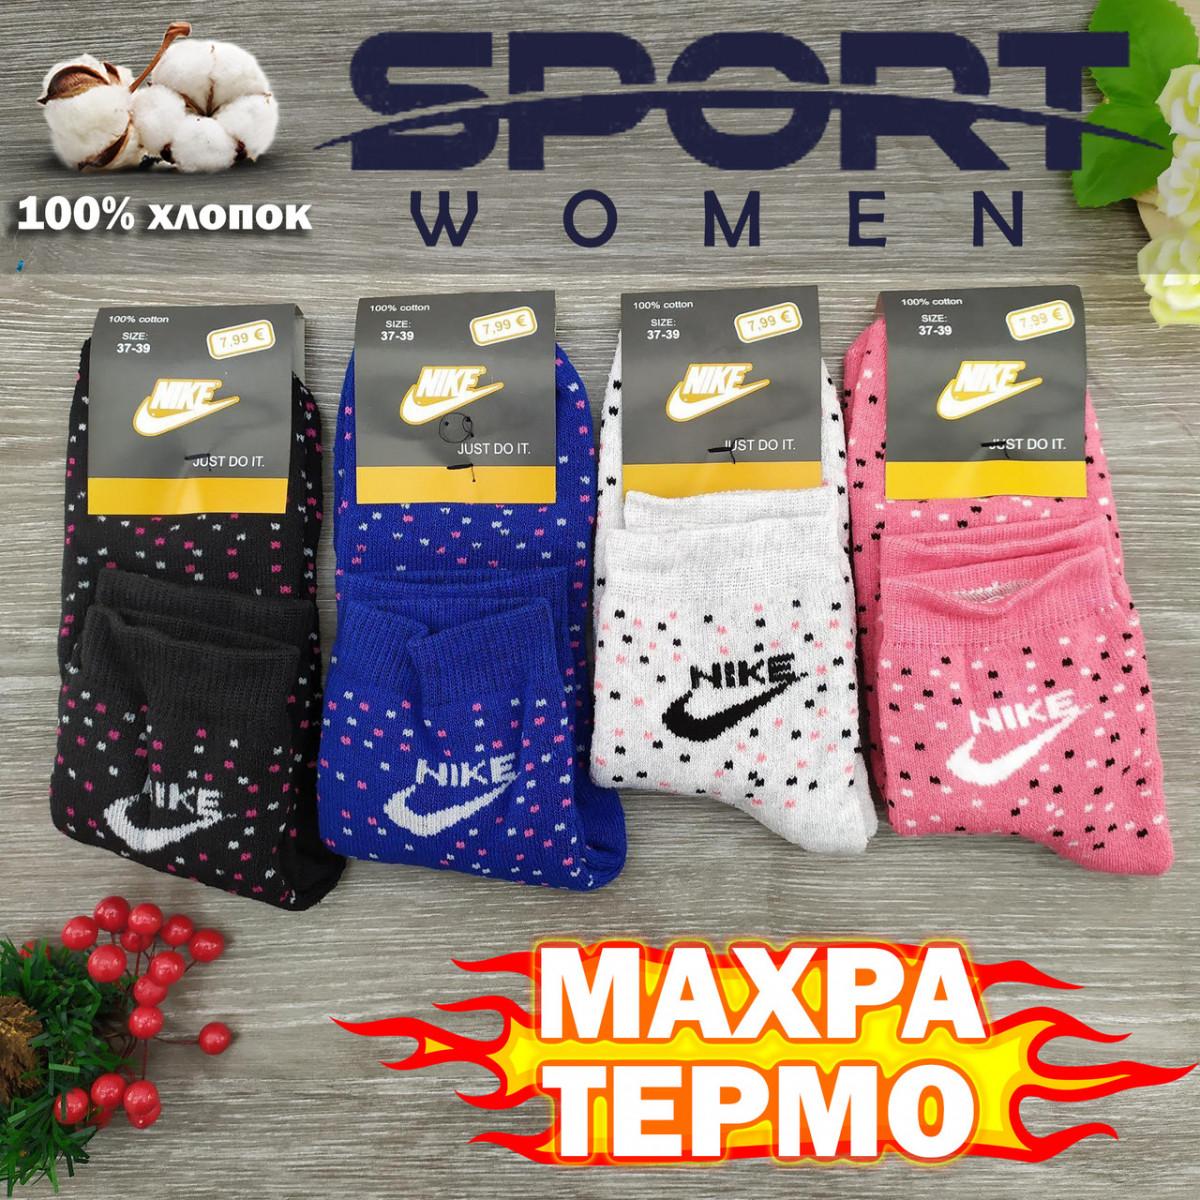 Носки женские махровые средние SPORT A 37-39р точки ассорти 20040307